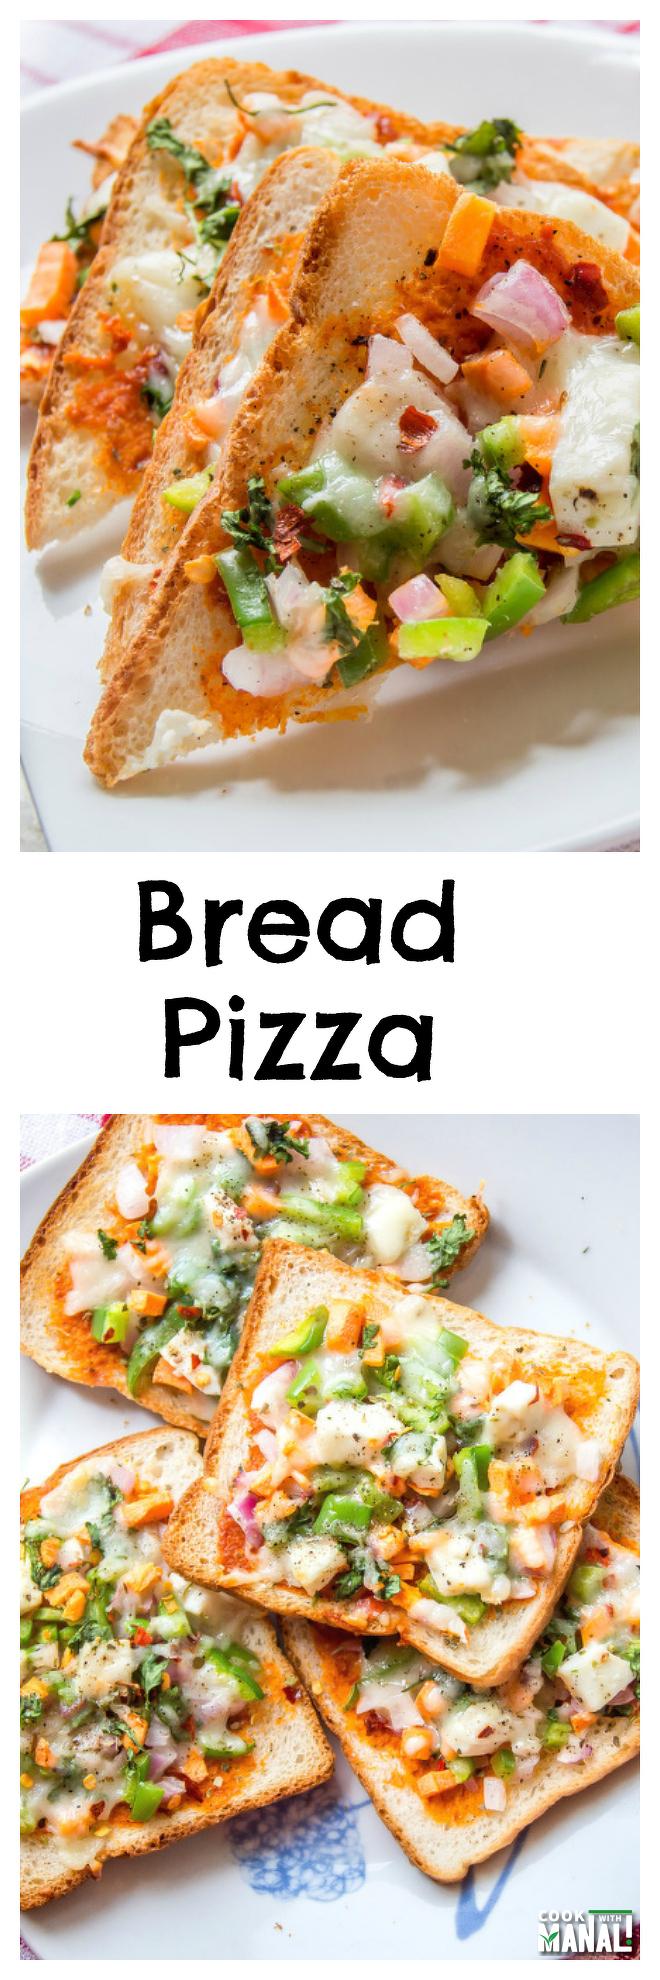 Bread Pizza Collage